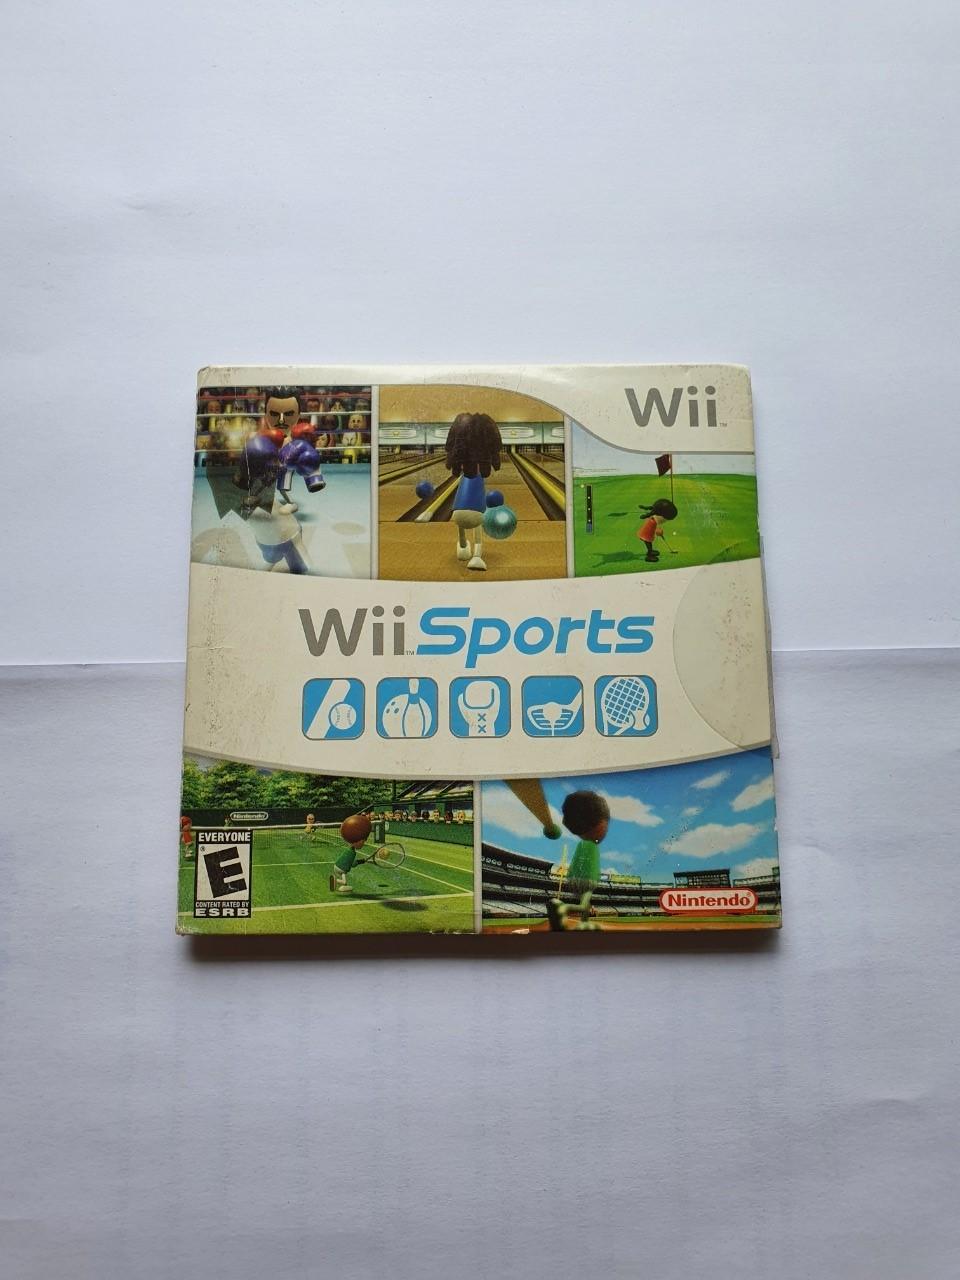 Wii Sports - Usado - Wii